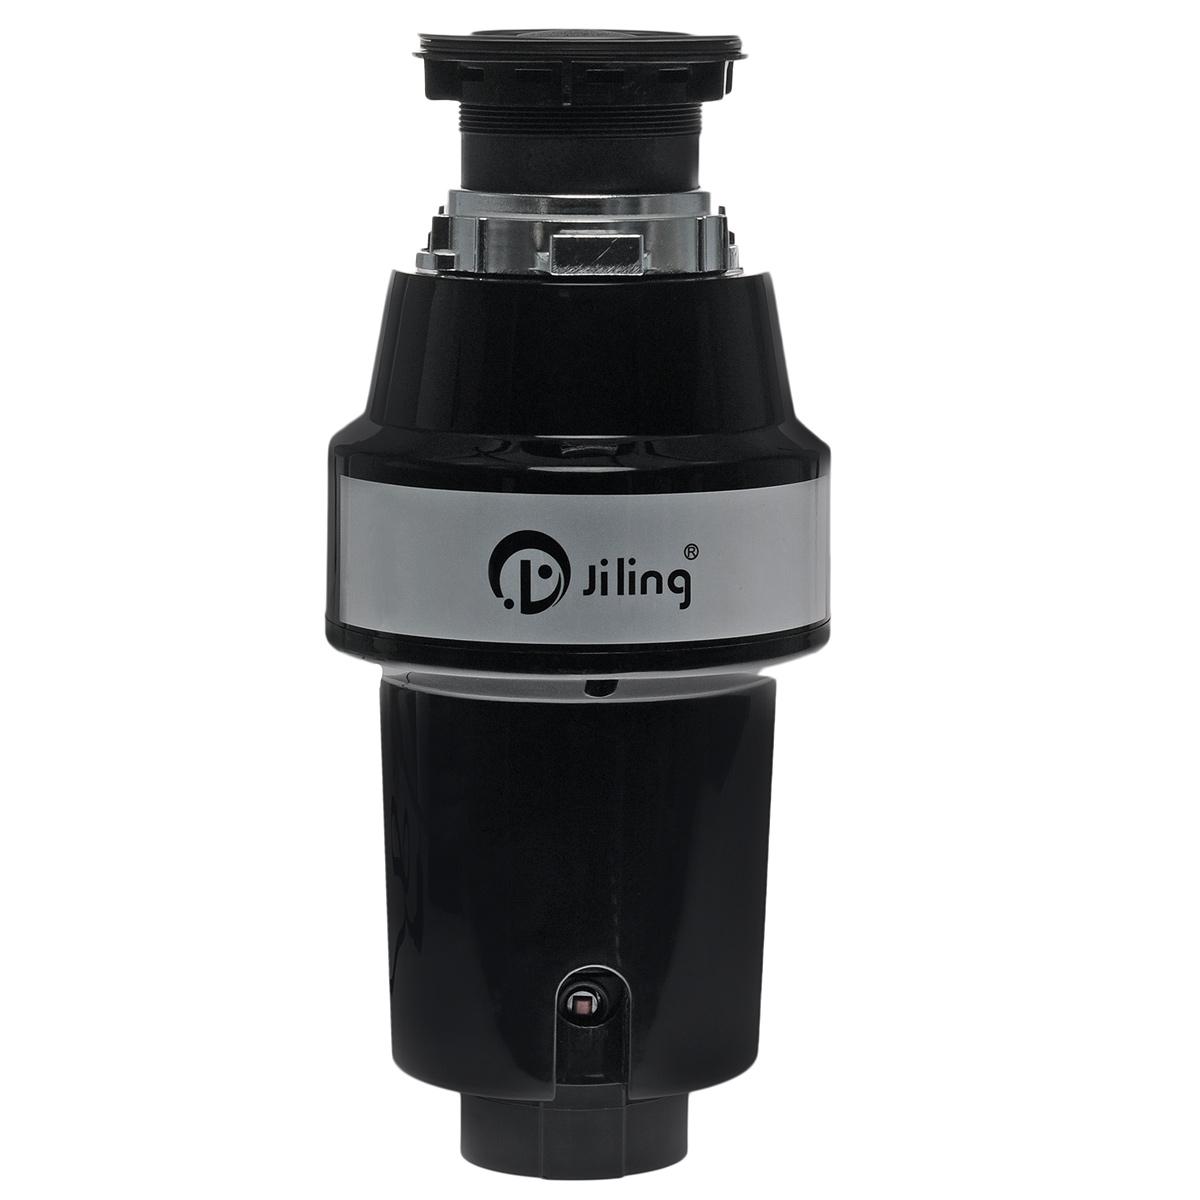 Измельчитель пищевых отходов Jiling FCD-720FCD-720Измельчитель бытовых отходов Jiling FCD-720 предназначен для установки в кухонных помещениях. Имеет хорошую звукоизоляцию, что делает его практически бесшумным. К измельчителю прилагается пневмокнопка для безопасного включения/выключения.